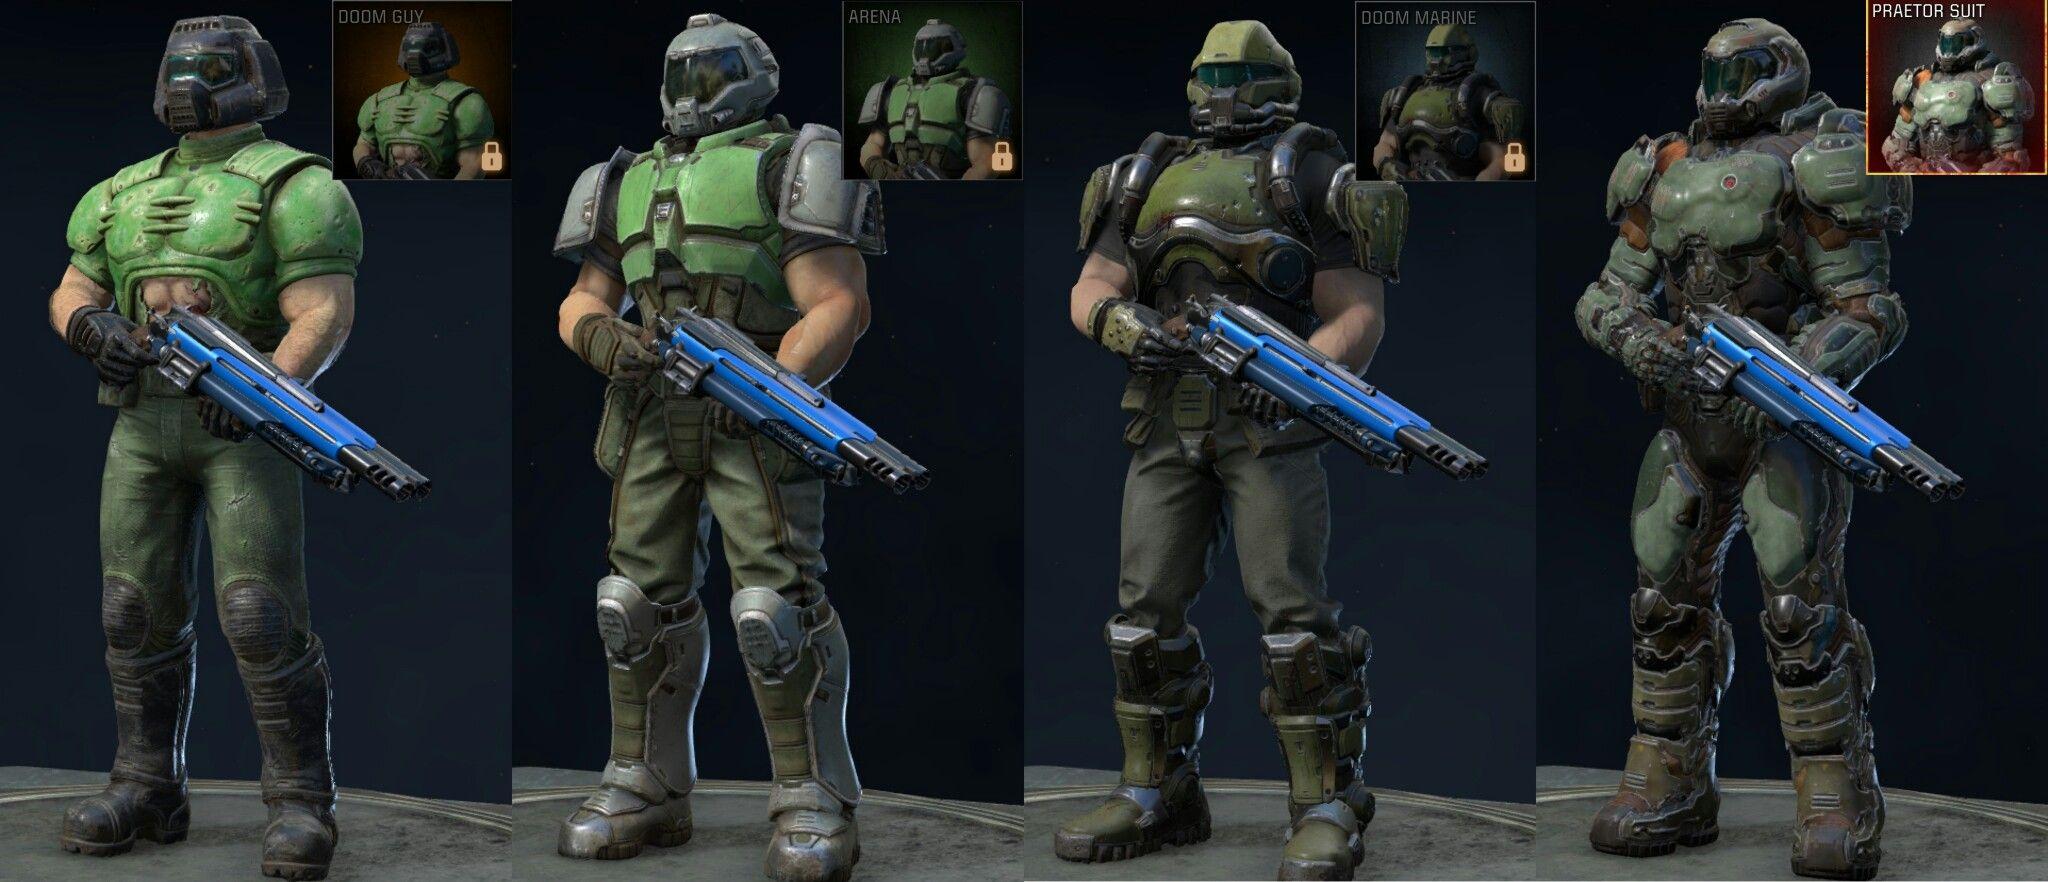 Predator Doom Multiplayer Praetor Suit